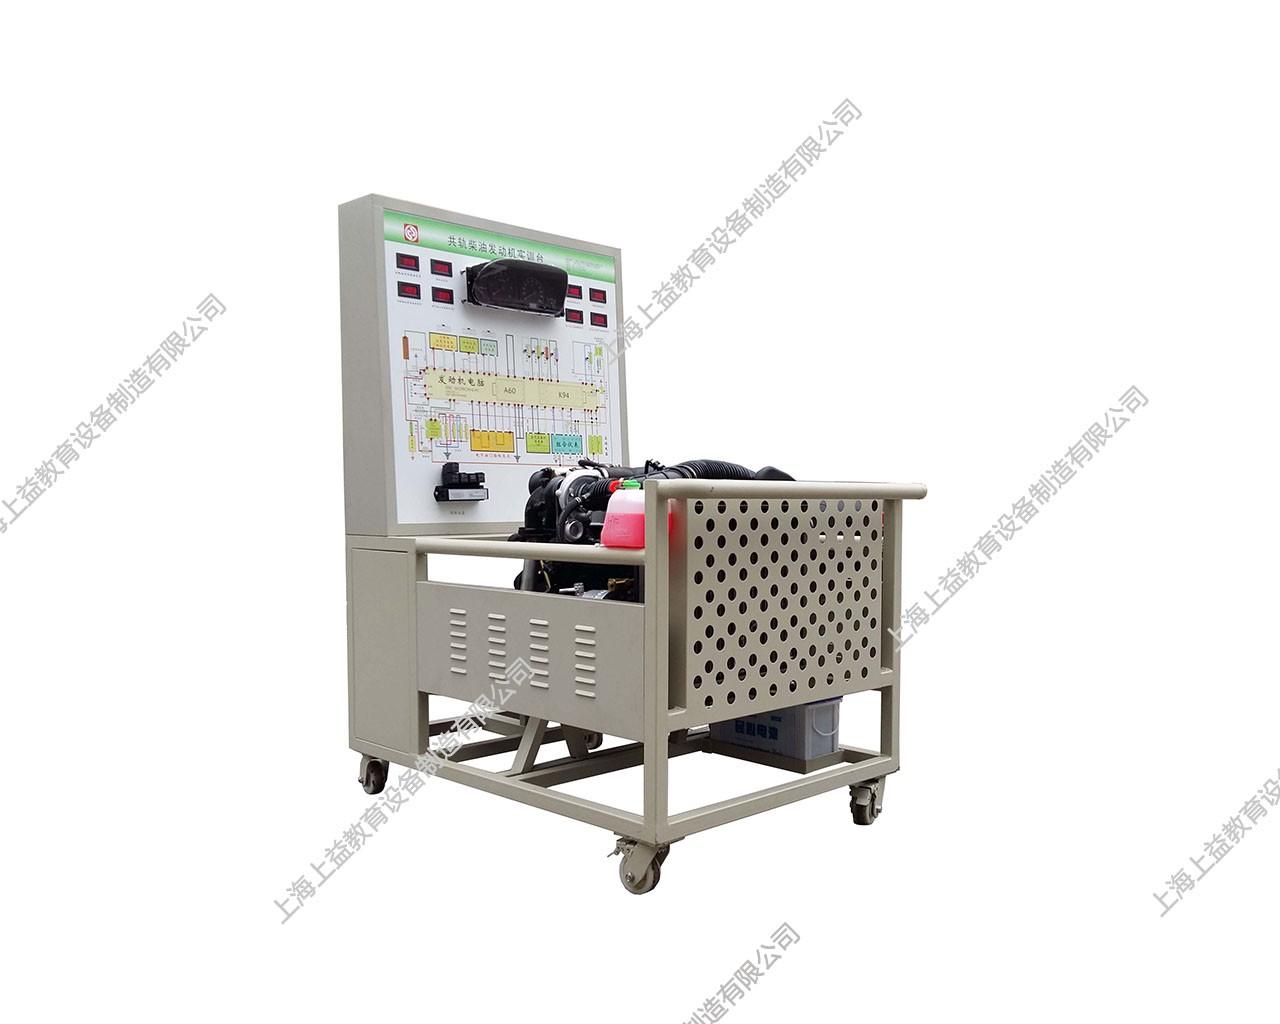 电控柴油发动机wwwlehu8vip台(宝来TDI)